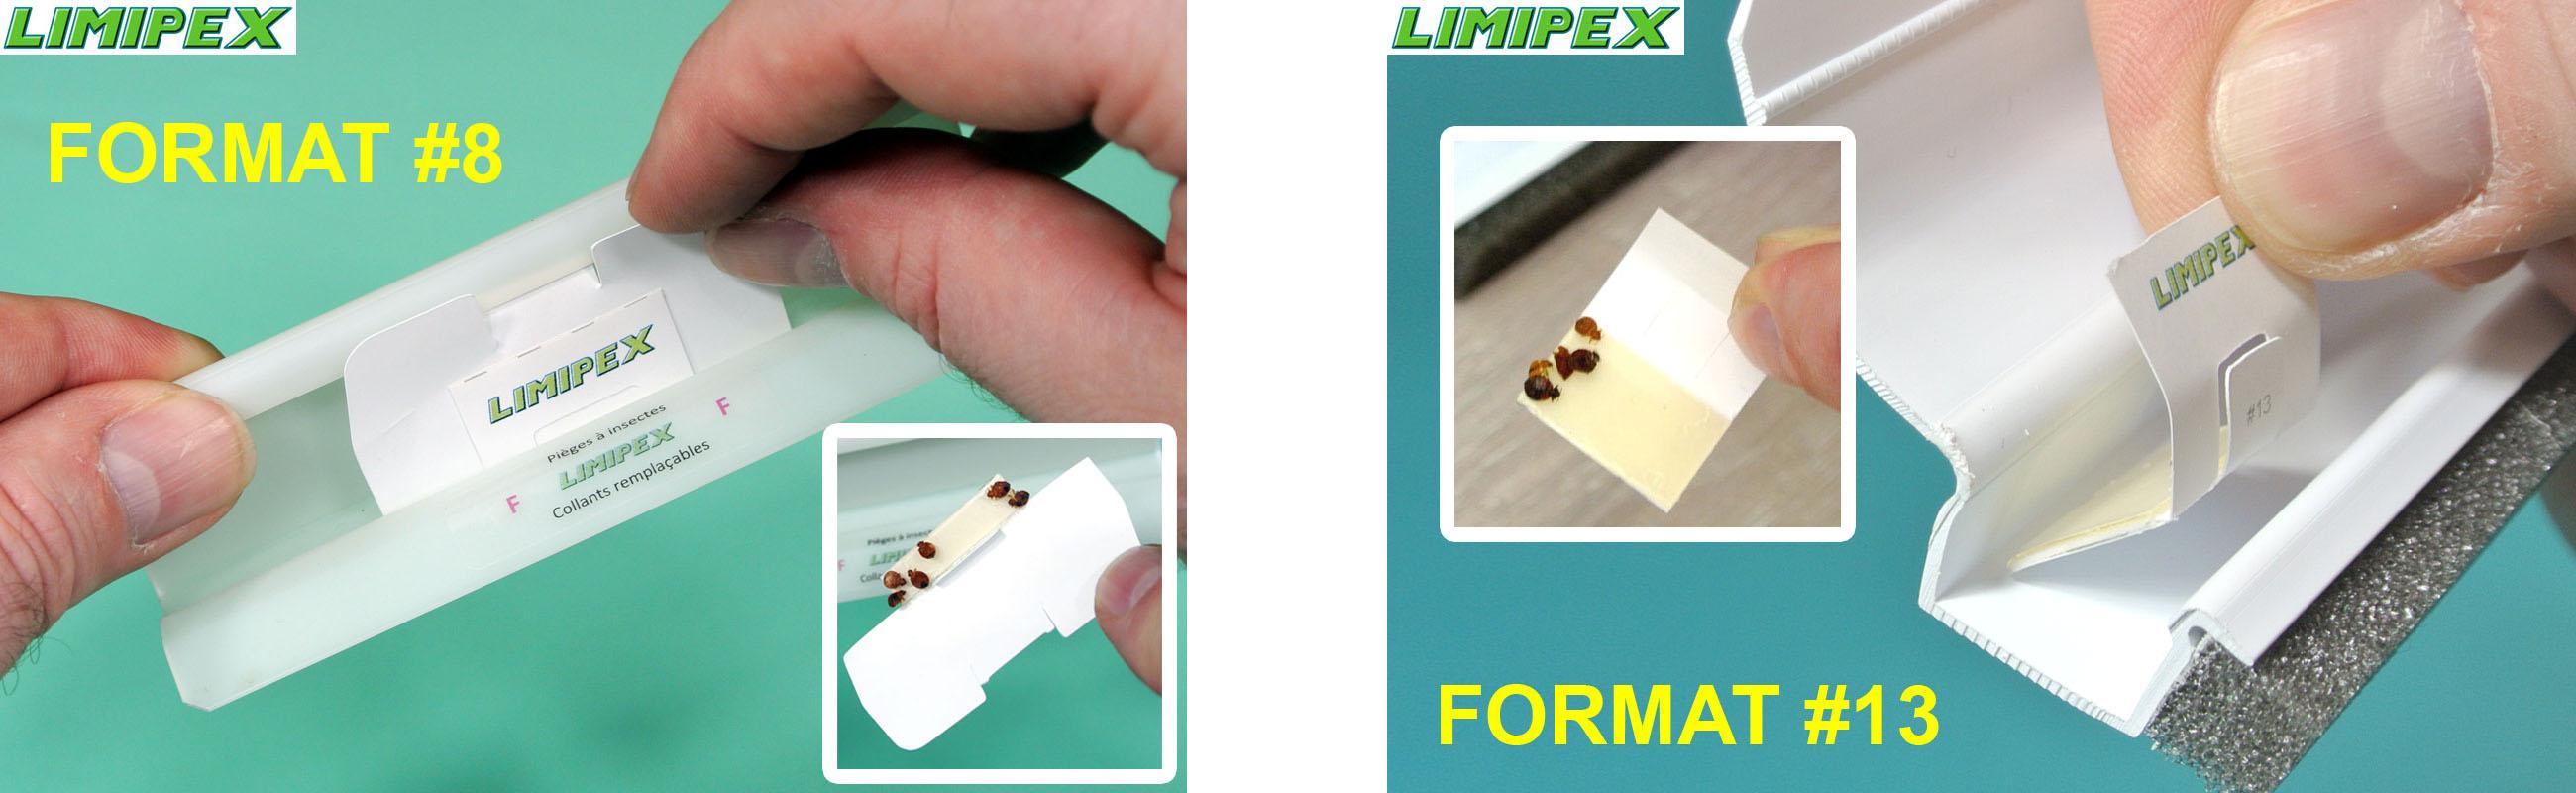 collants de remplacement pour pi ges insectes limipex. Black Bedroom Furniture Sets. Home Design Ideas